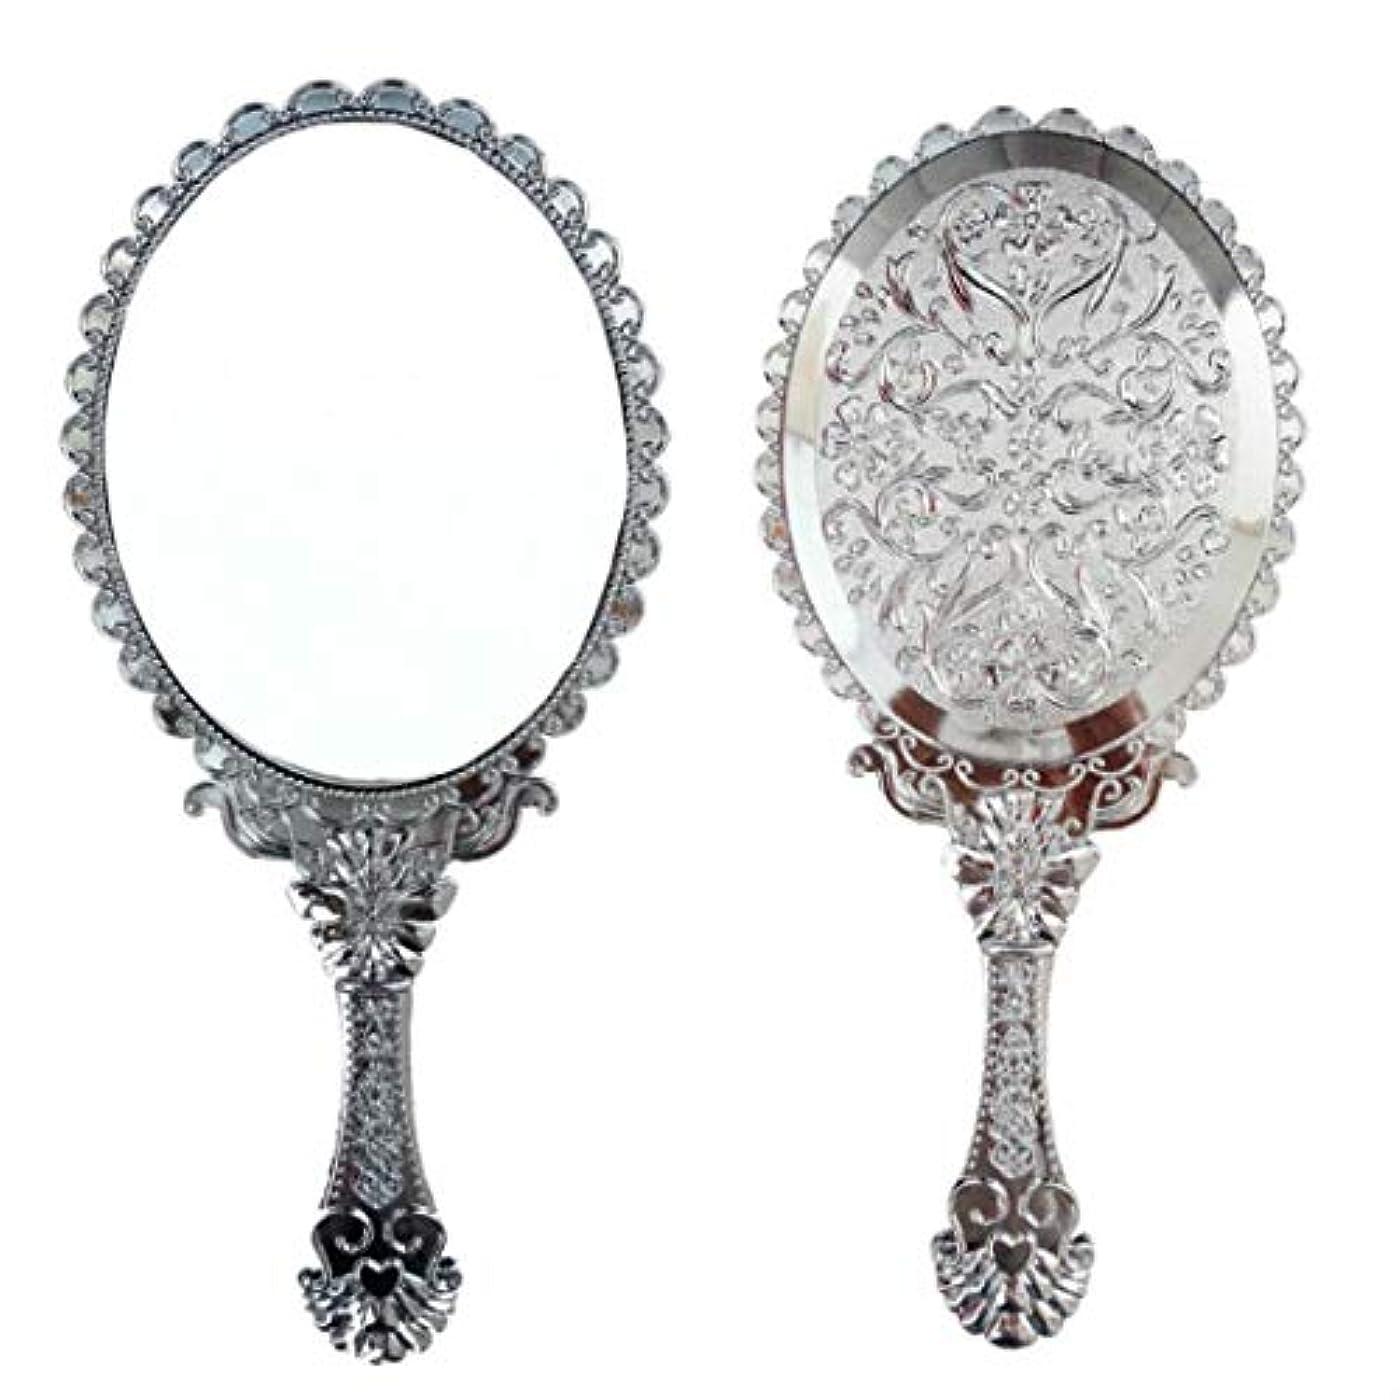 プラグ品種顕著送料無料 トゥインクル 楕円の鏡 メイク ポーチ 化粧 ミラー 手鏡 姫系ハンドミラー シルバー